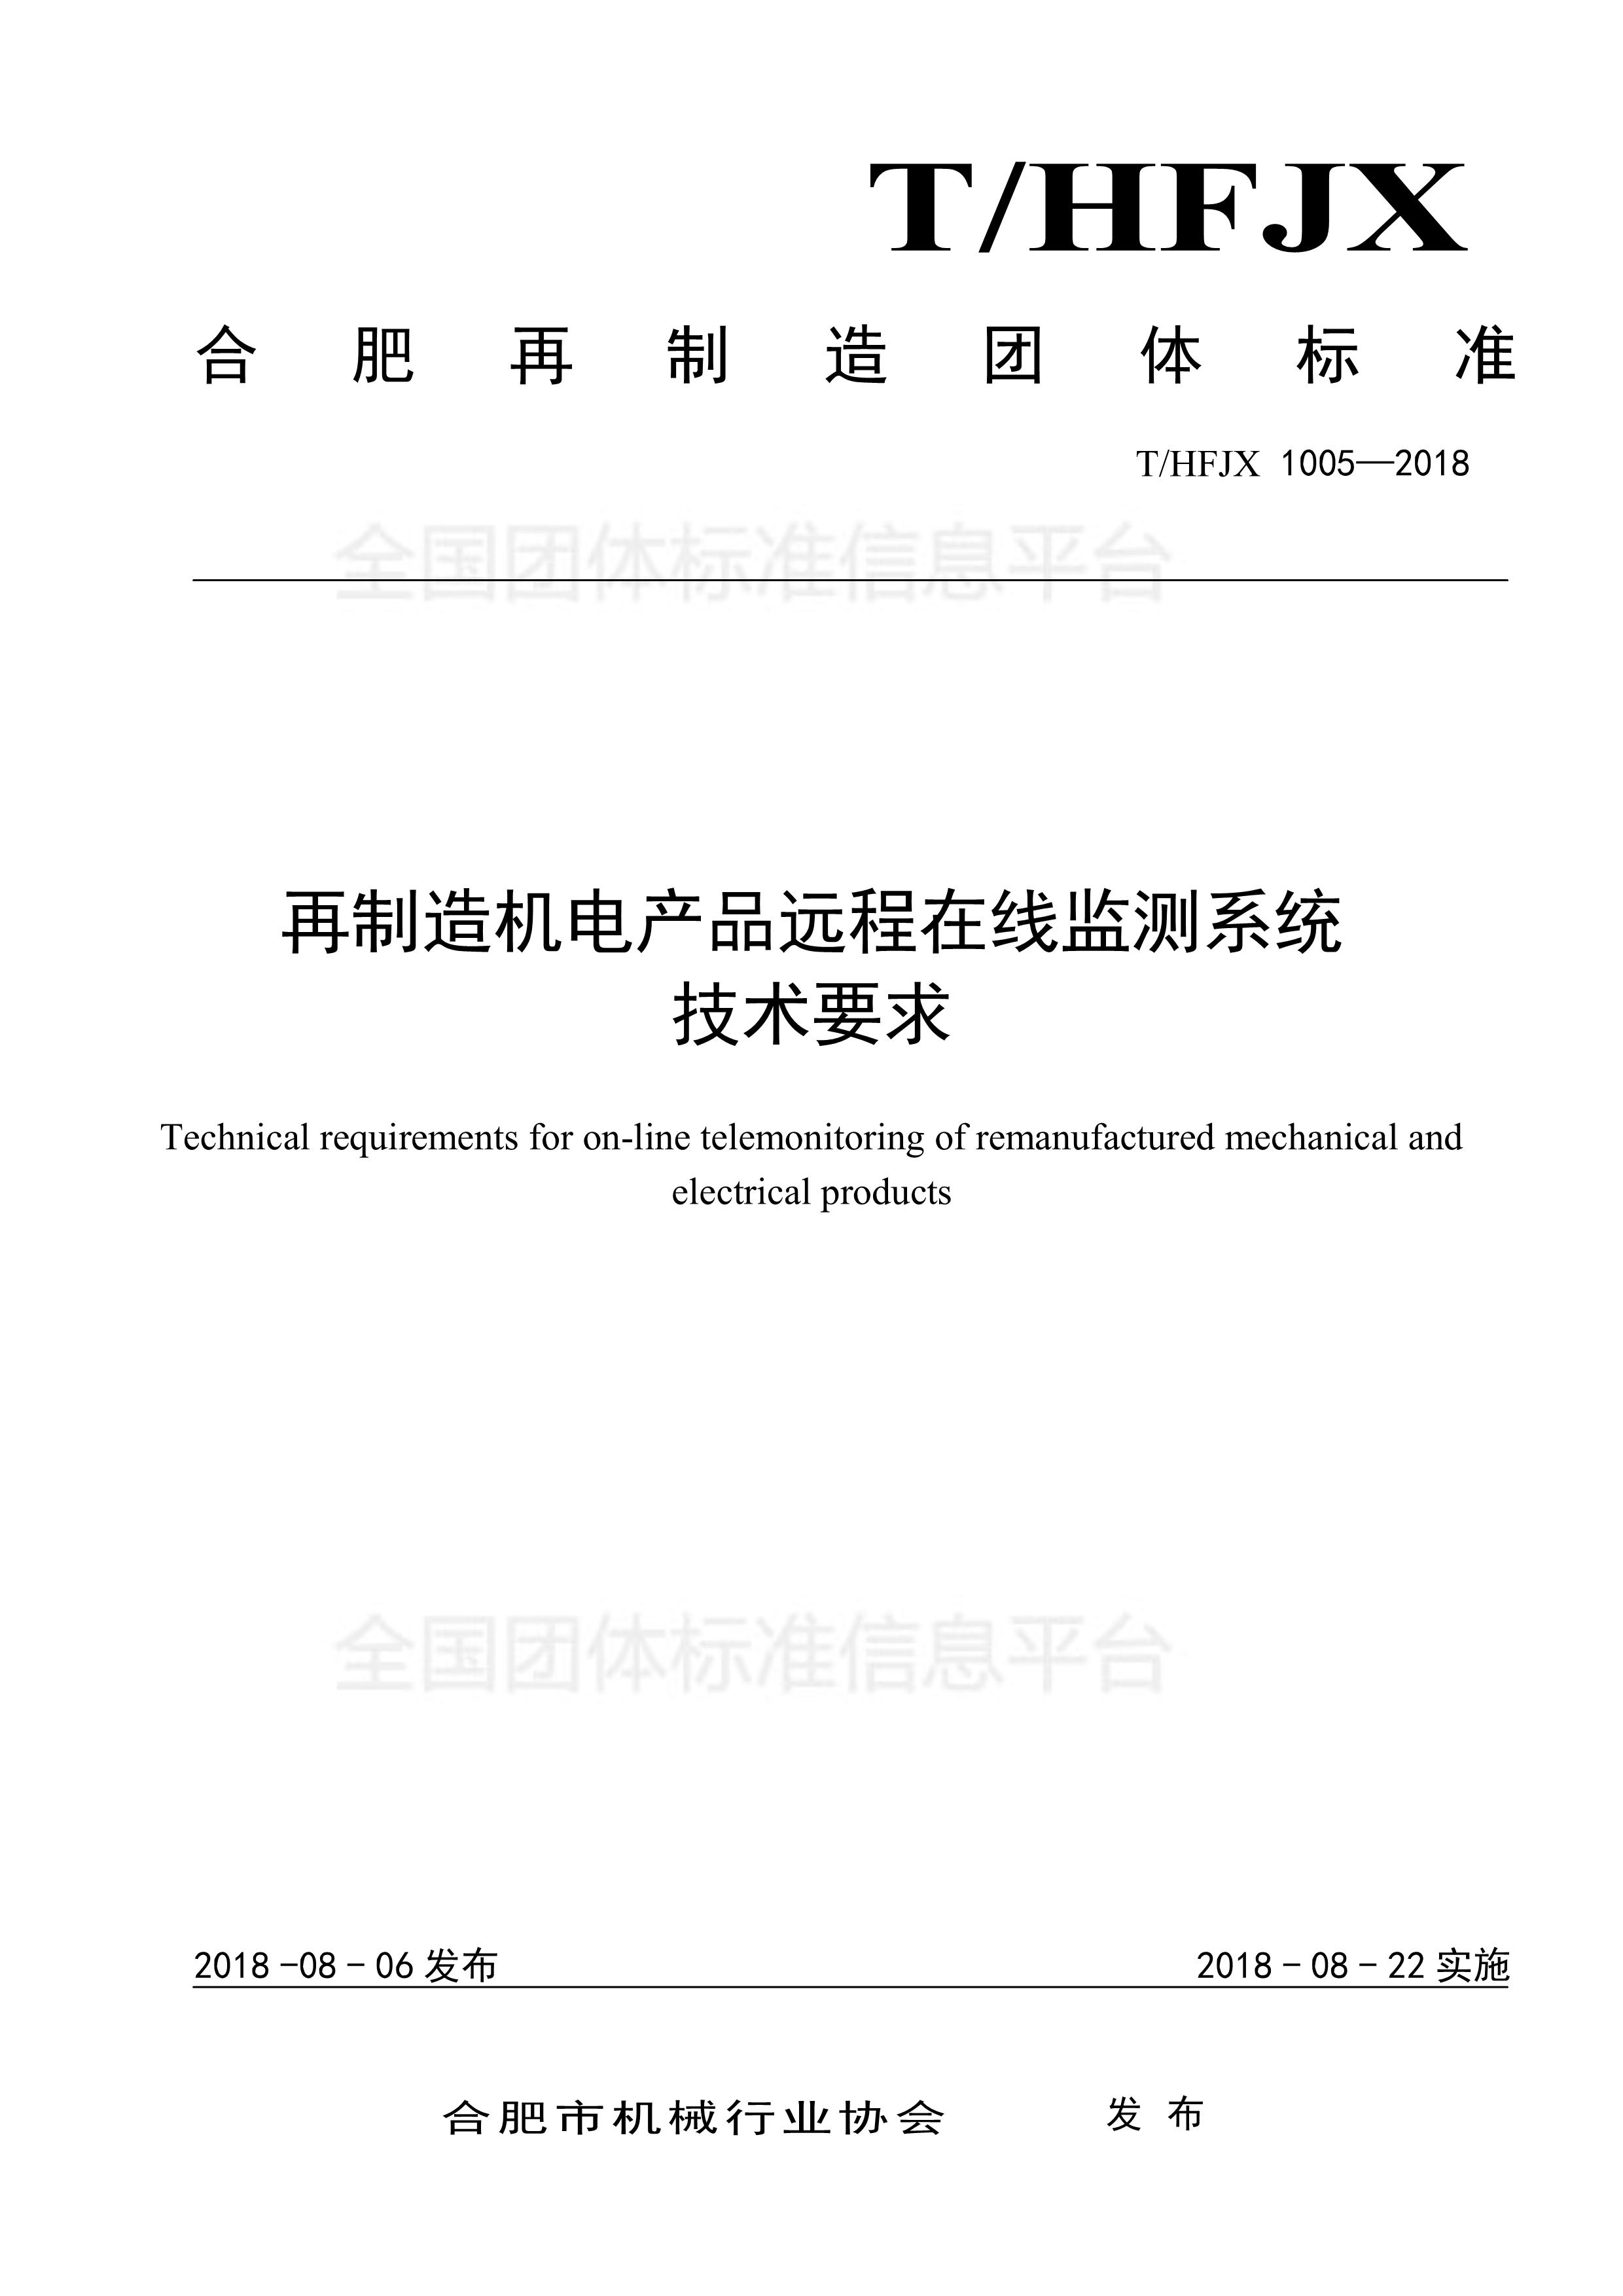 再制造机电产品远程在线监测系统 技术要求